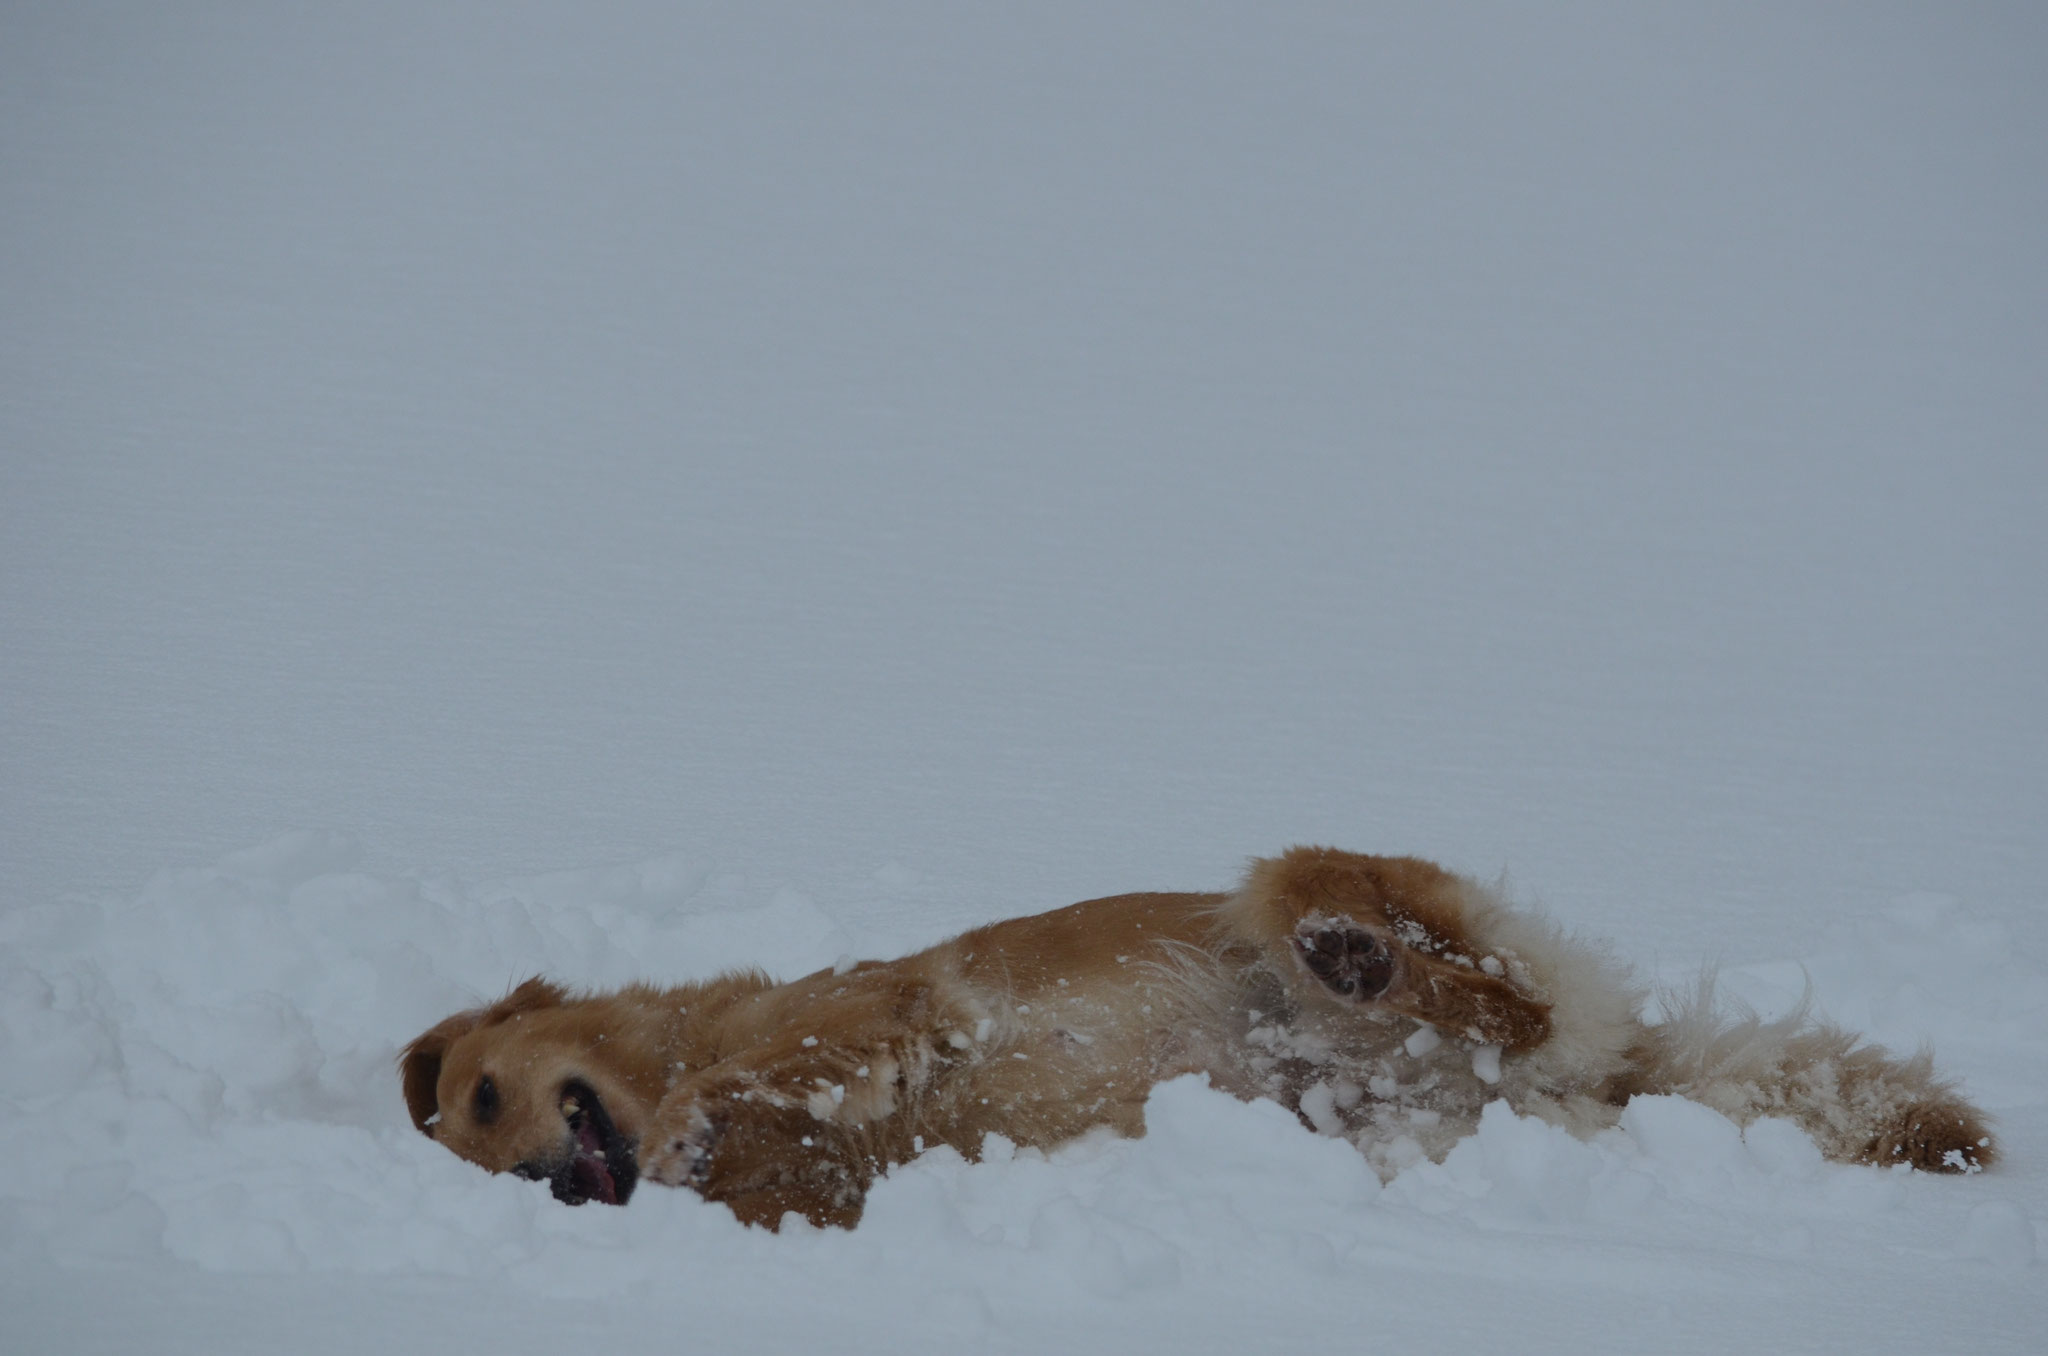 Die Hunde geniessen den Schnee und wir sind froh, dass sie so schön sauber bleiben